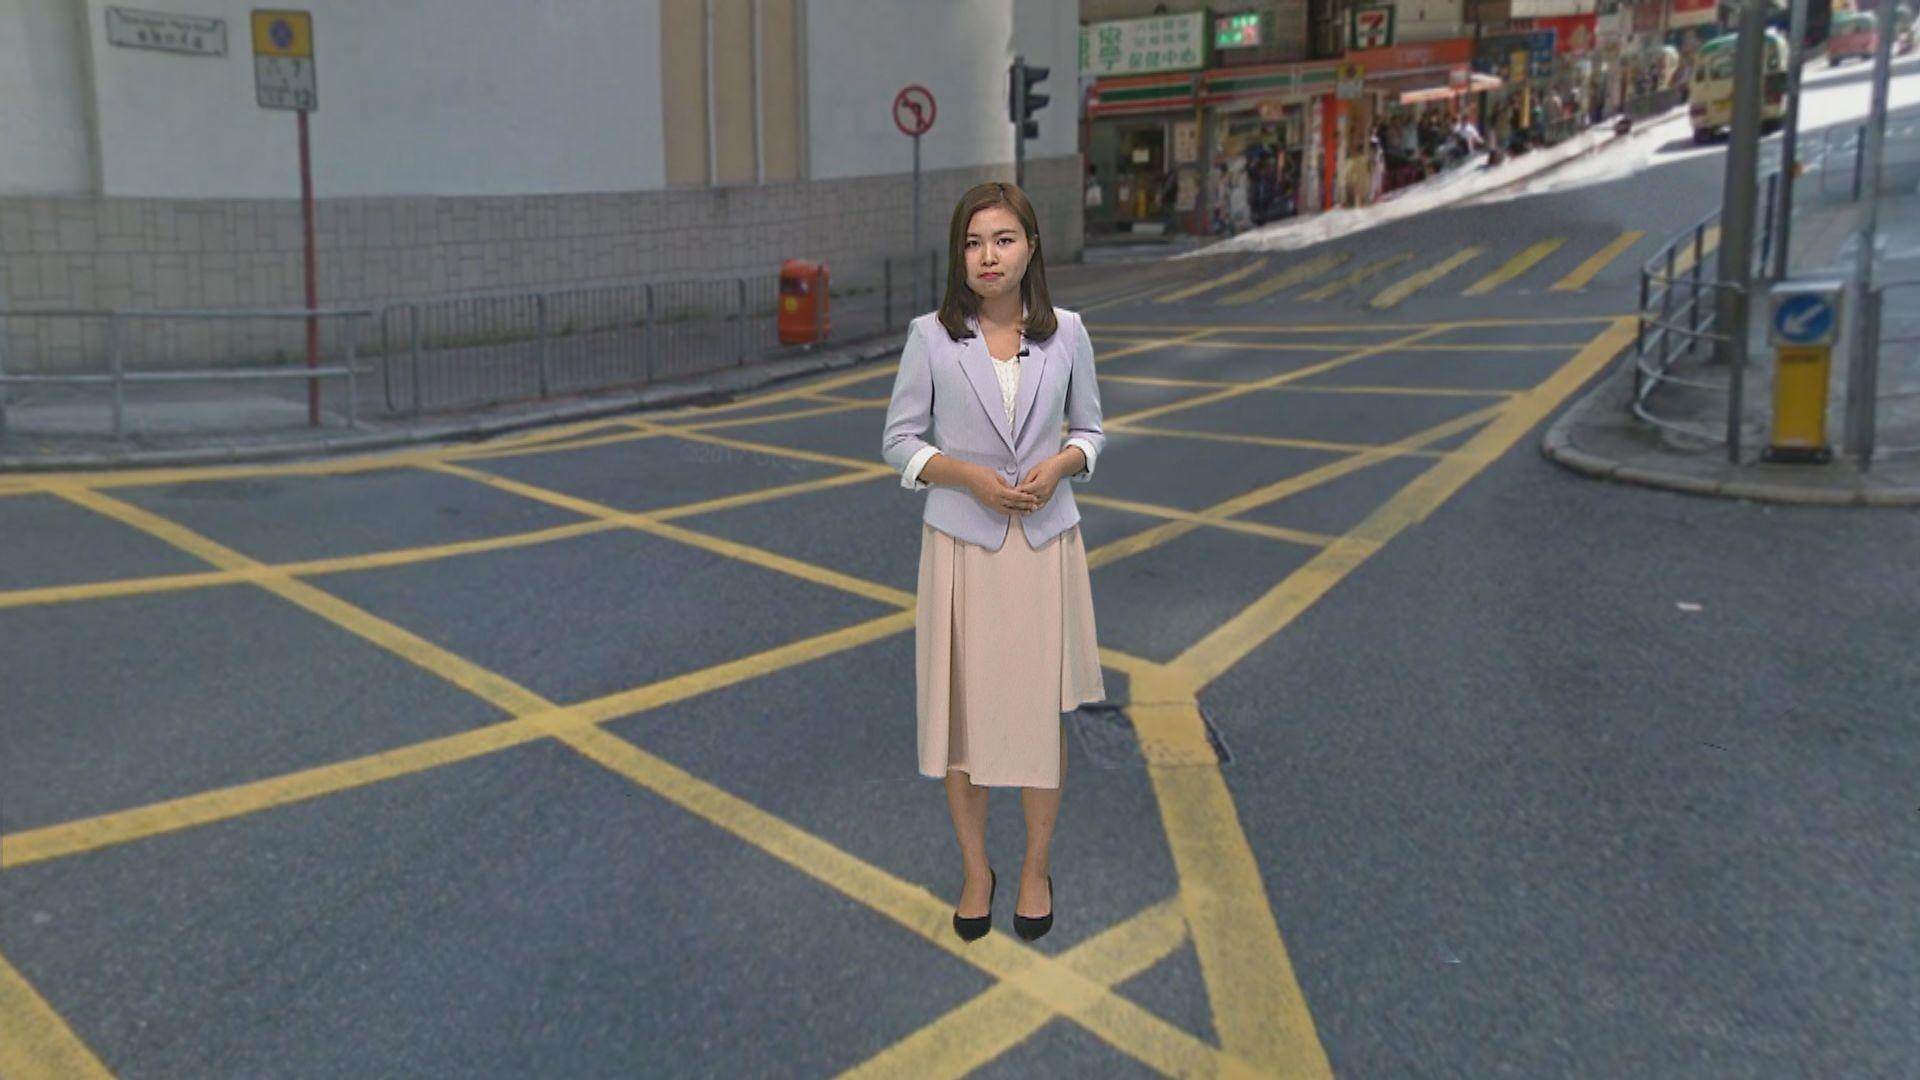 【VR分析】香港仔車禍 區議員倡改善轉燈時間